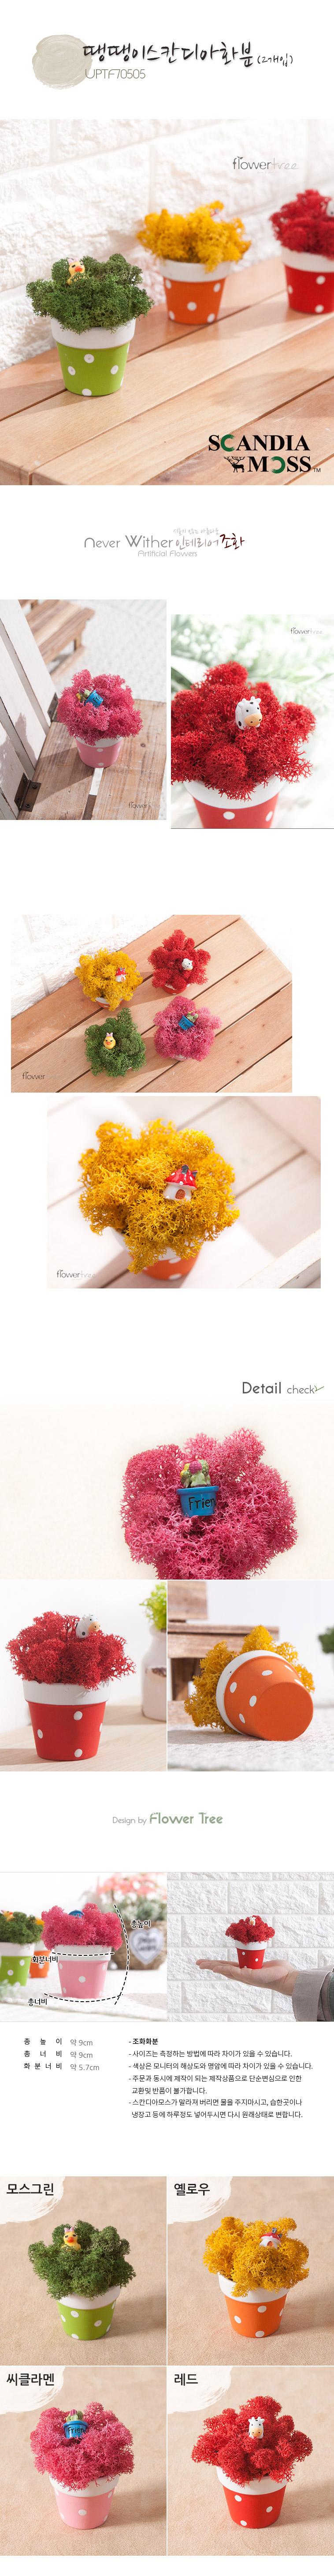 땡땡이스칸디아모스화분P (2개입) - 플라워트리, 7,200원, 조화, 비누꽃